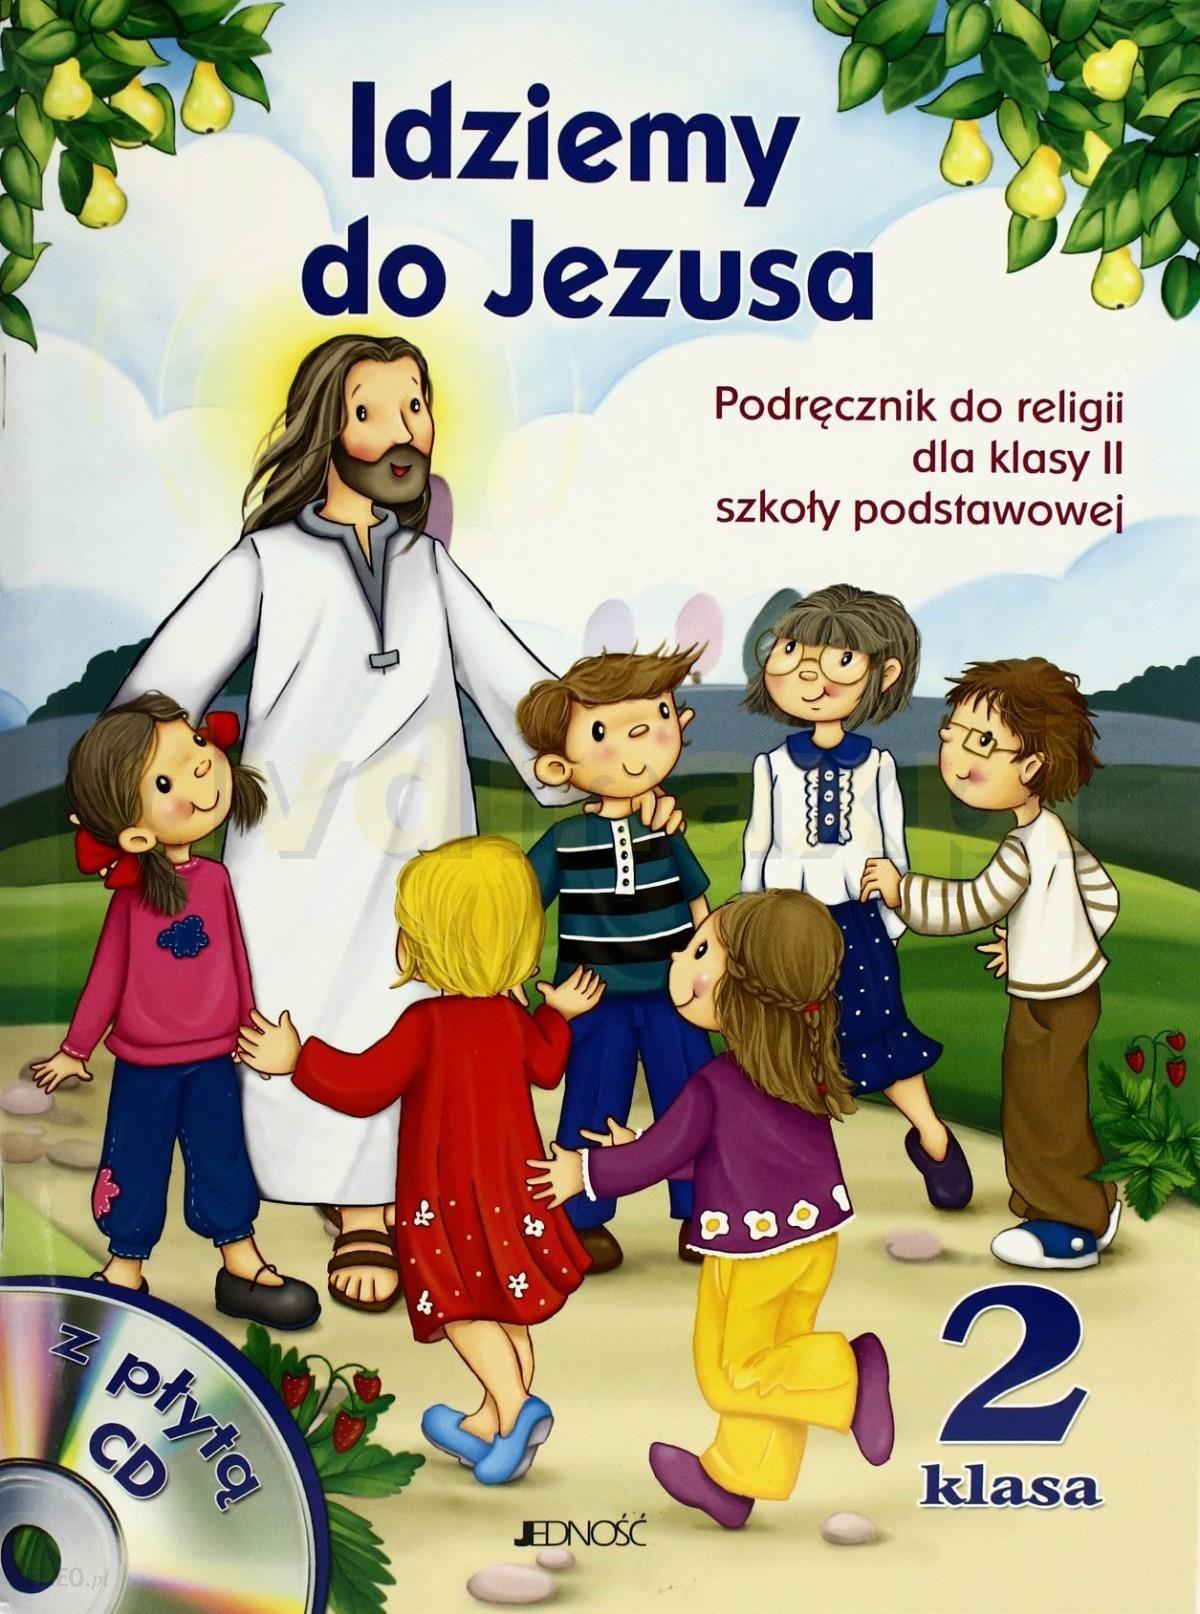 podręcznik idziemy do jezusa